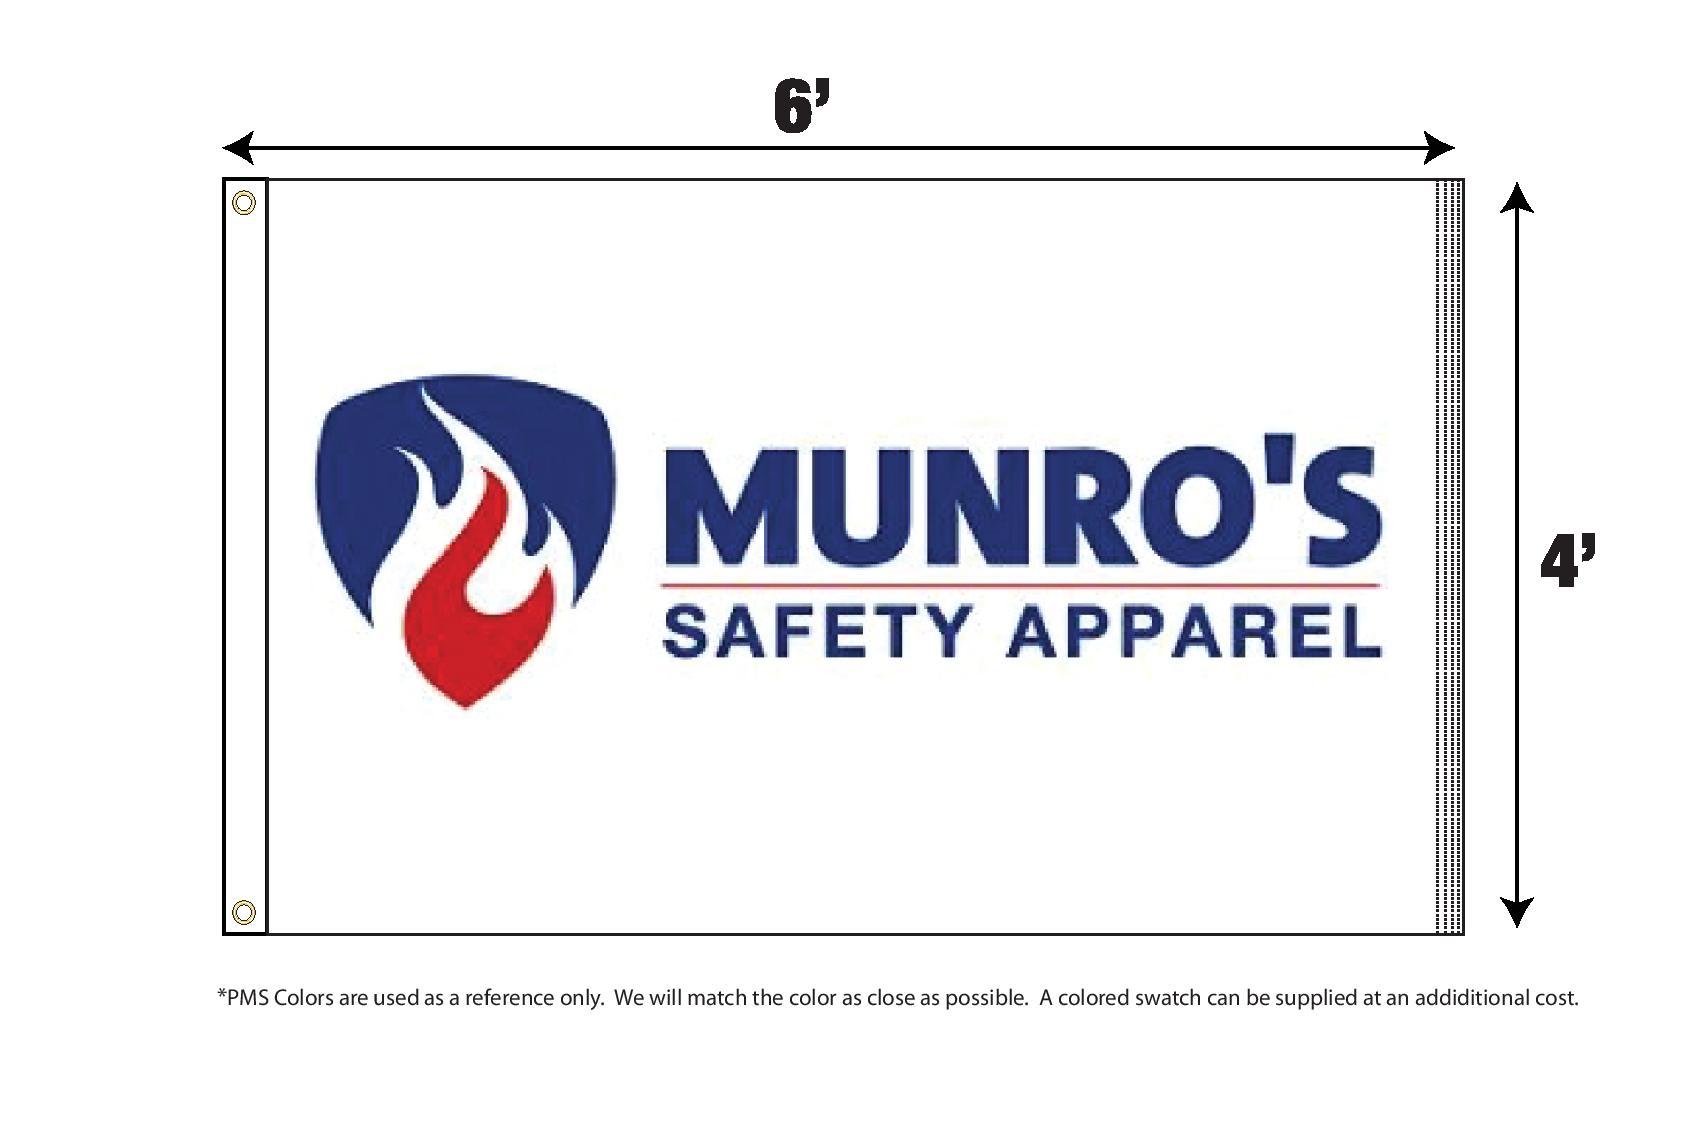 MUNRO'S